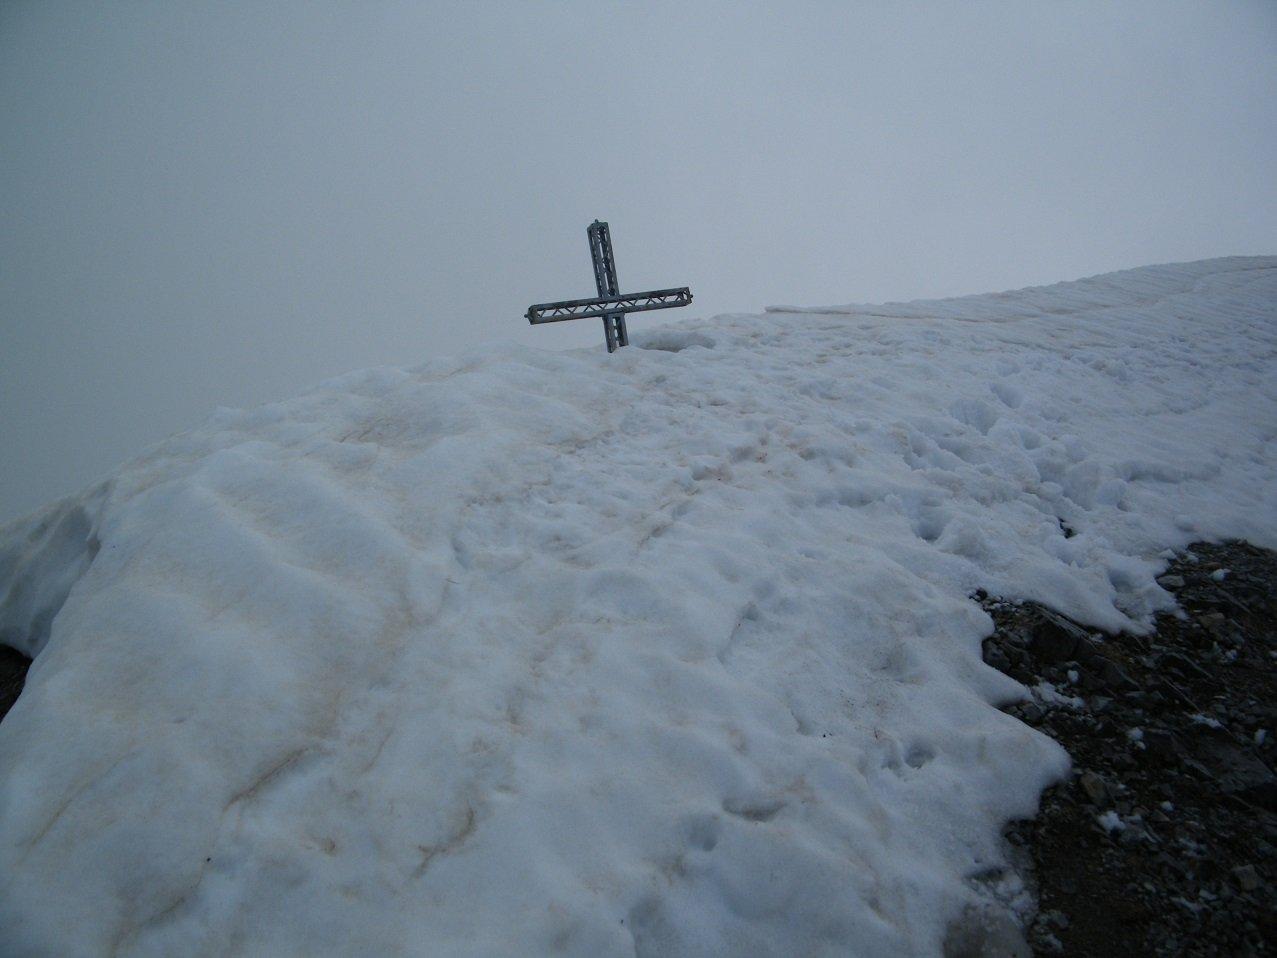 La croce di vetta ancora semisepolta.